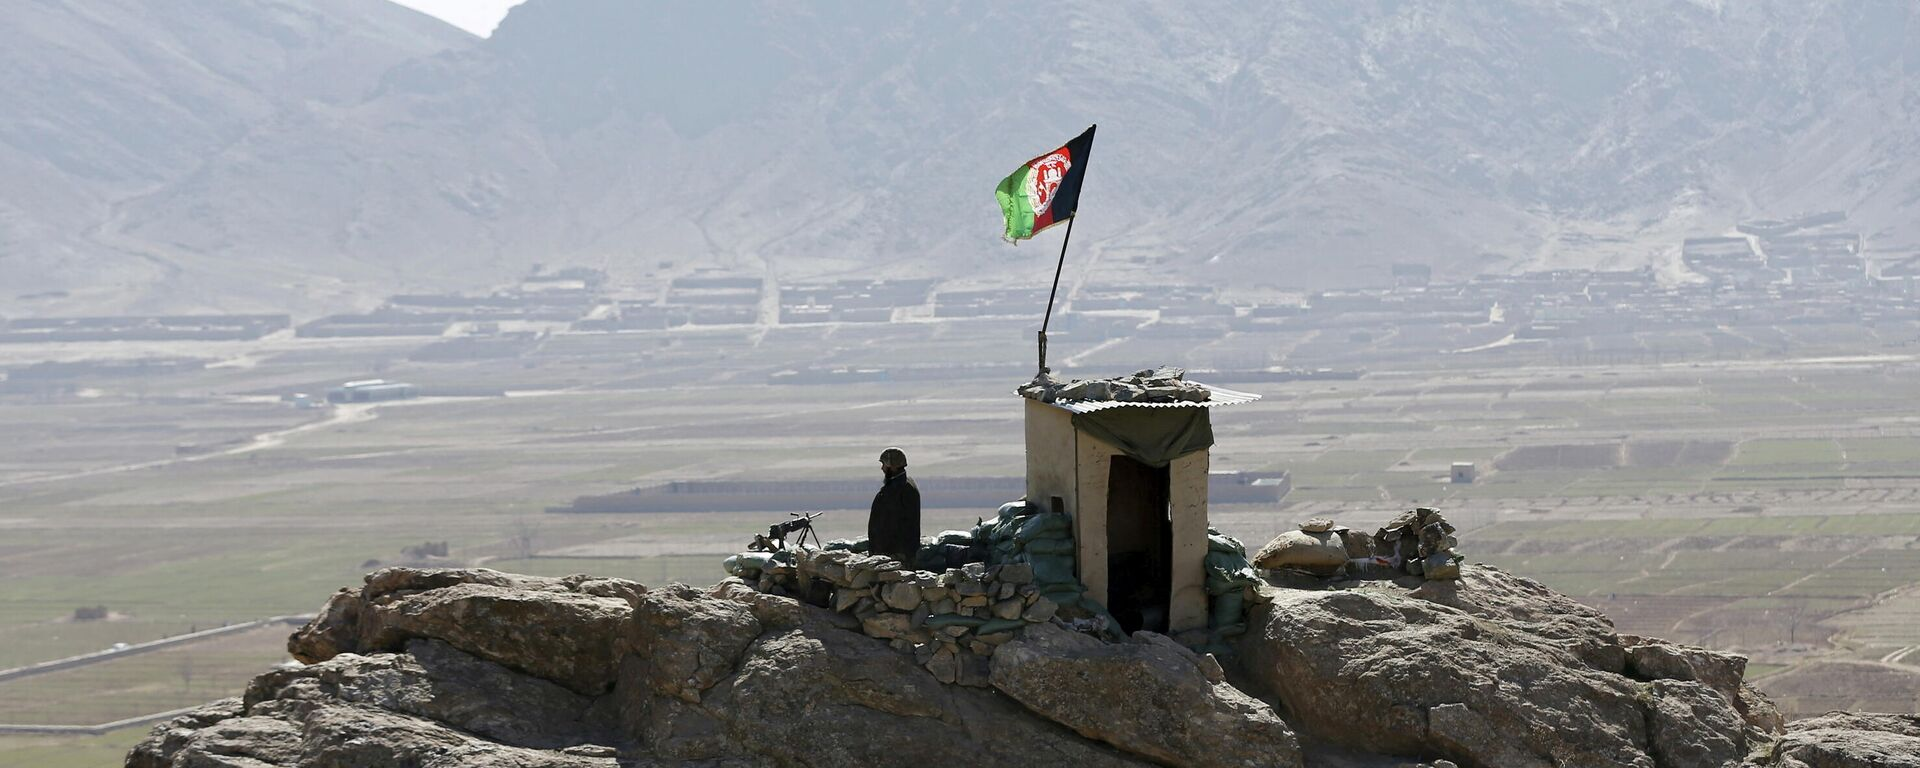 Situación en Afganistán - Sputnik Mundo, 1920, 13.08.2021